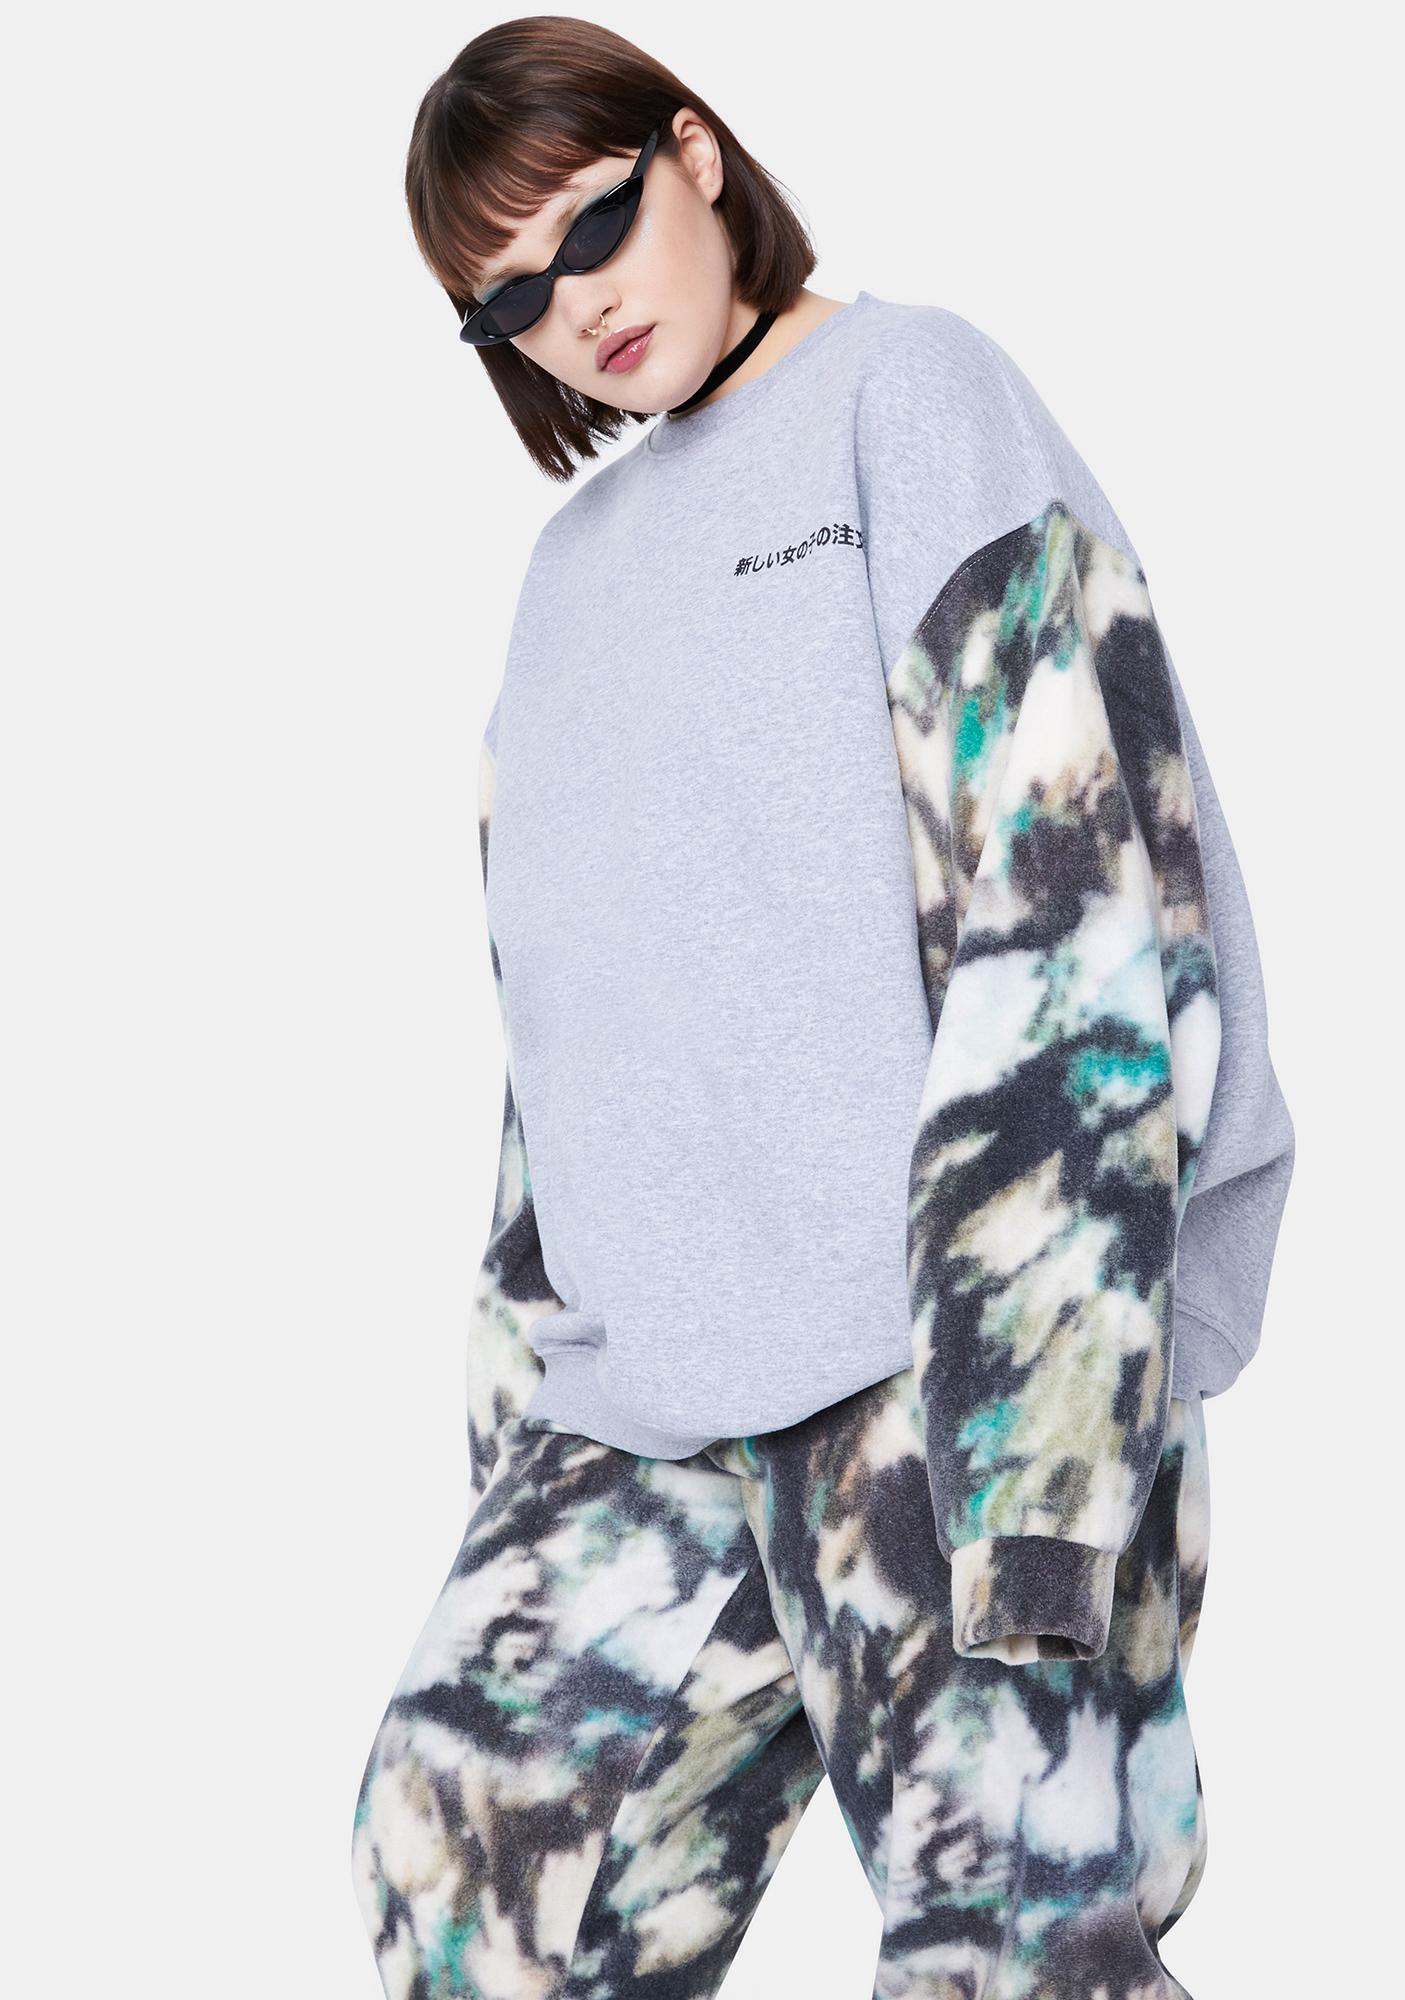 NEW GIRL ORDER Curve Mottled Color Block Fleece Crewneck